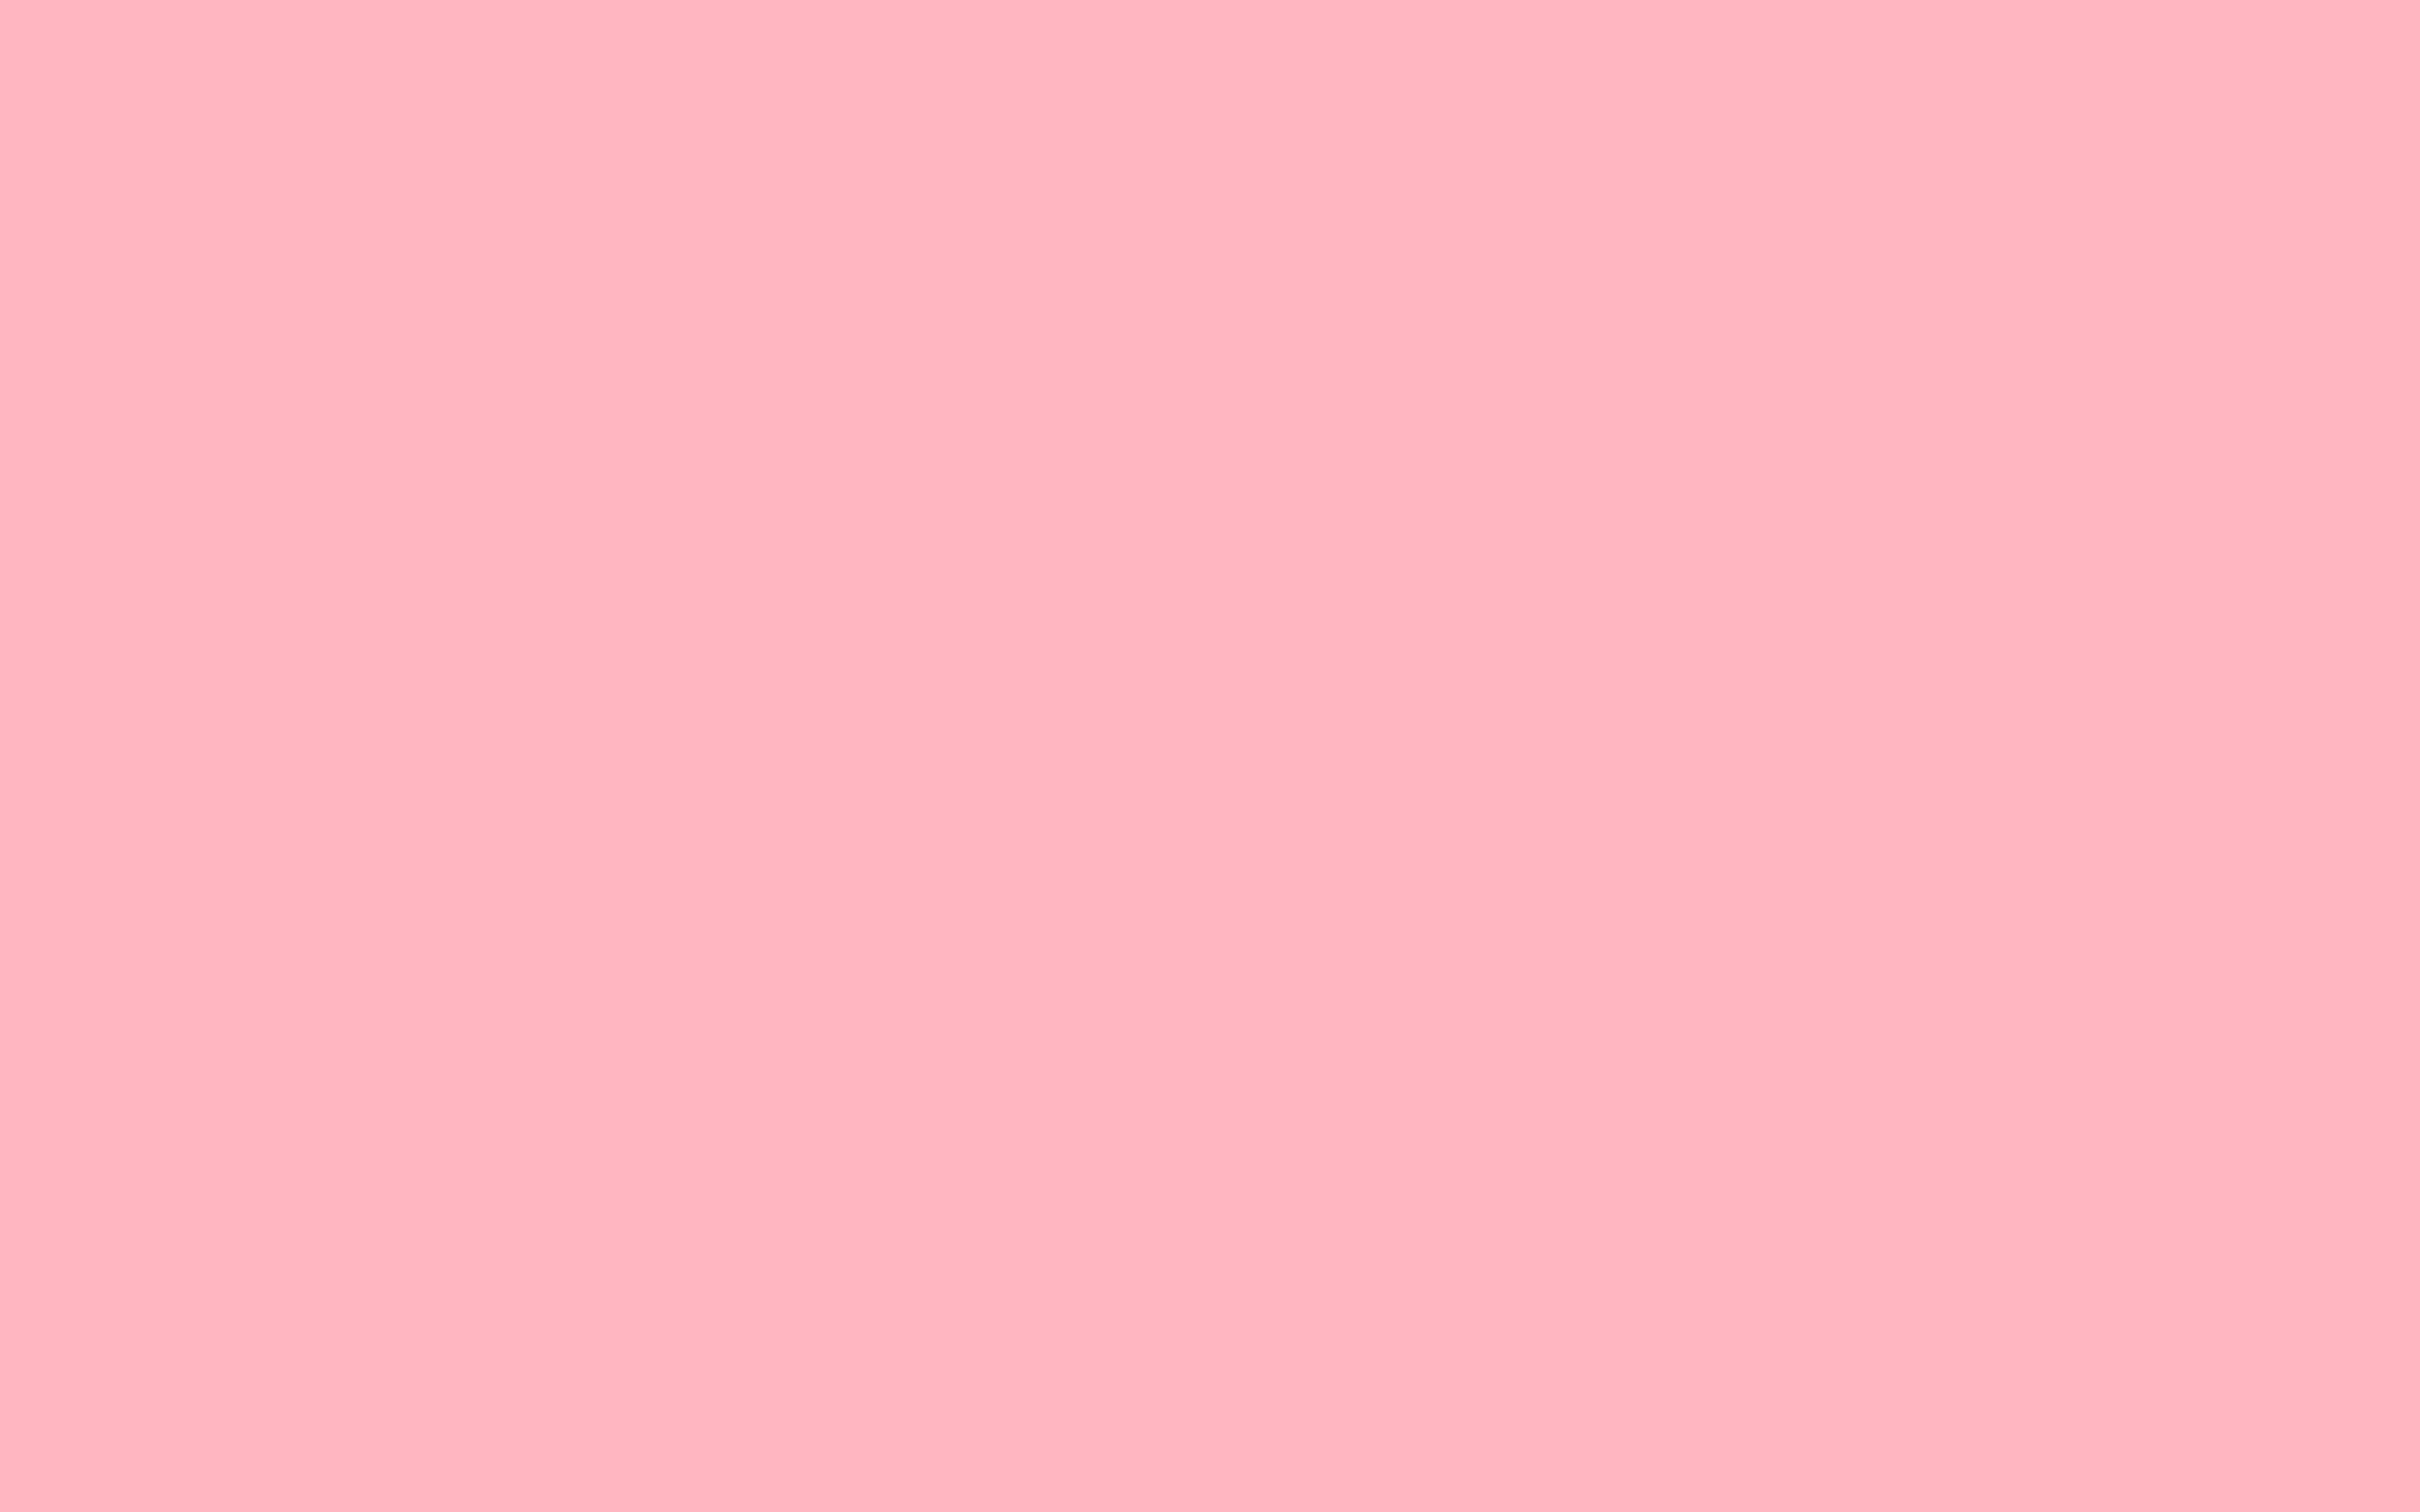 Top wallpaper Ideas – Plain Pink Wallpaper Ideas